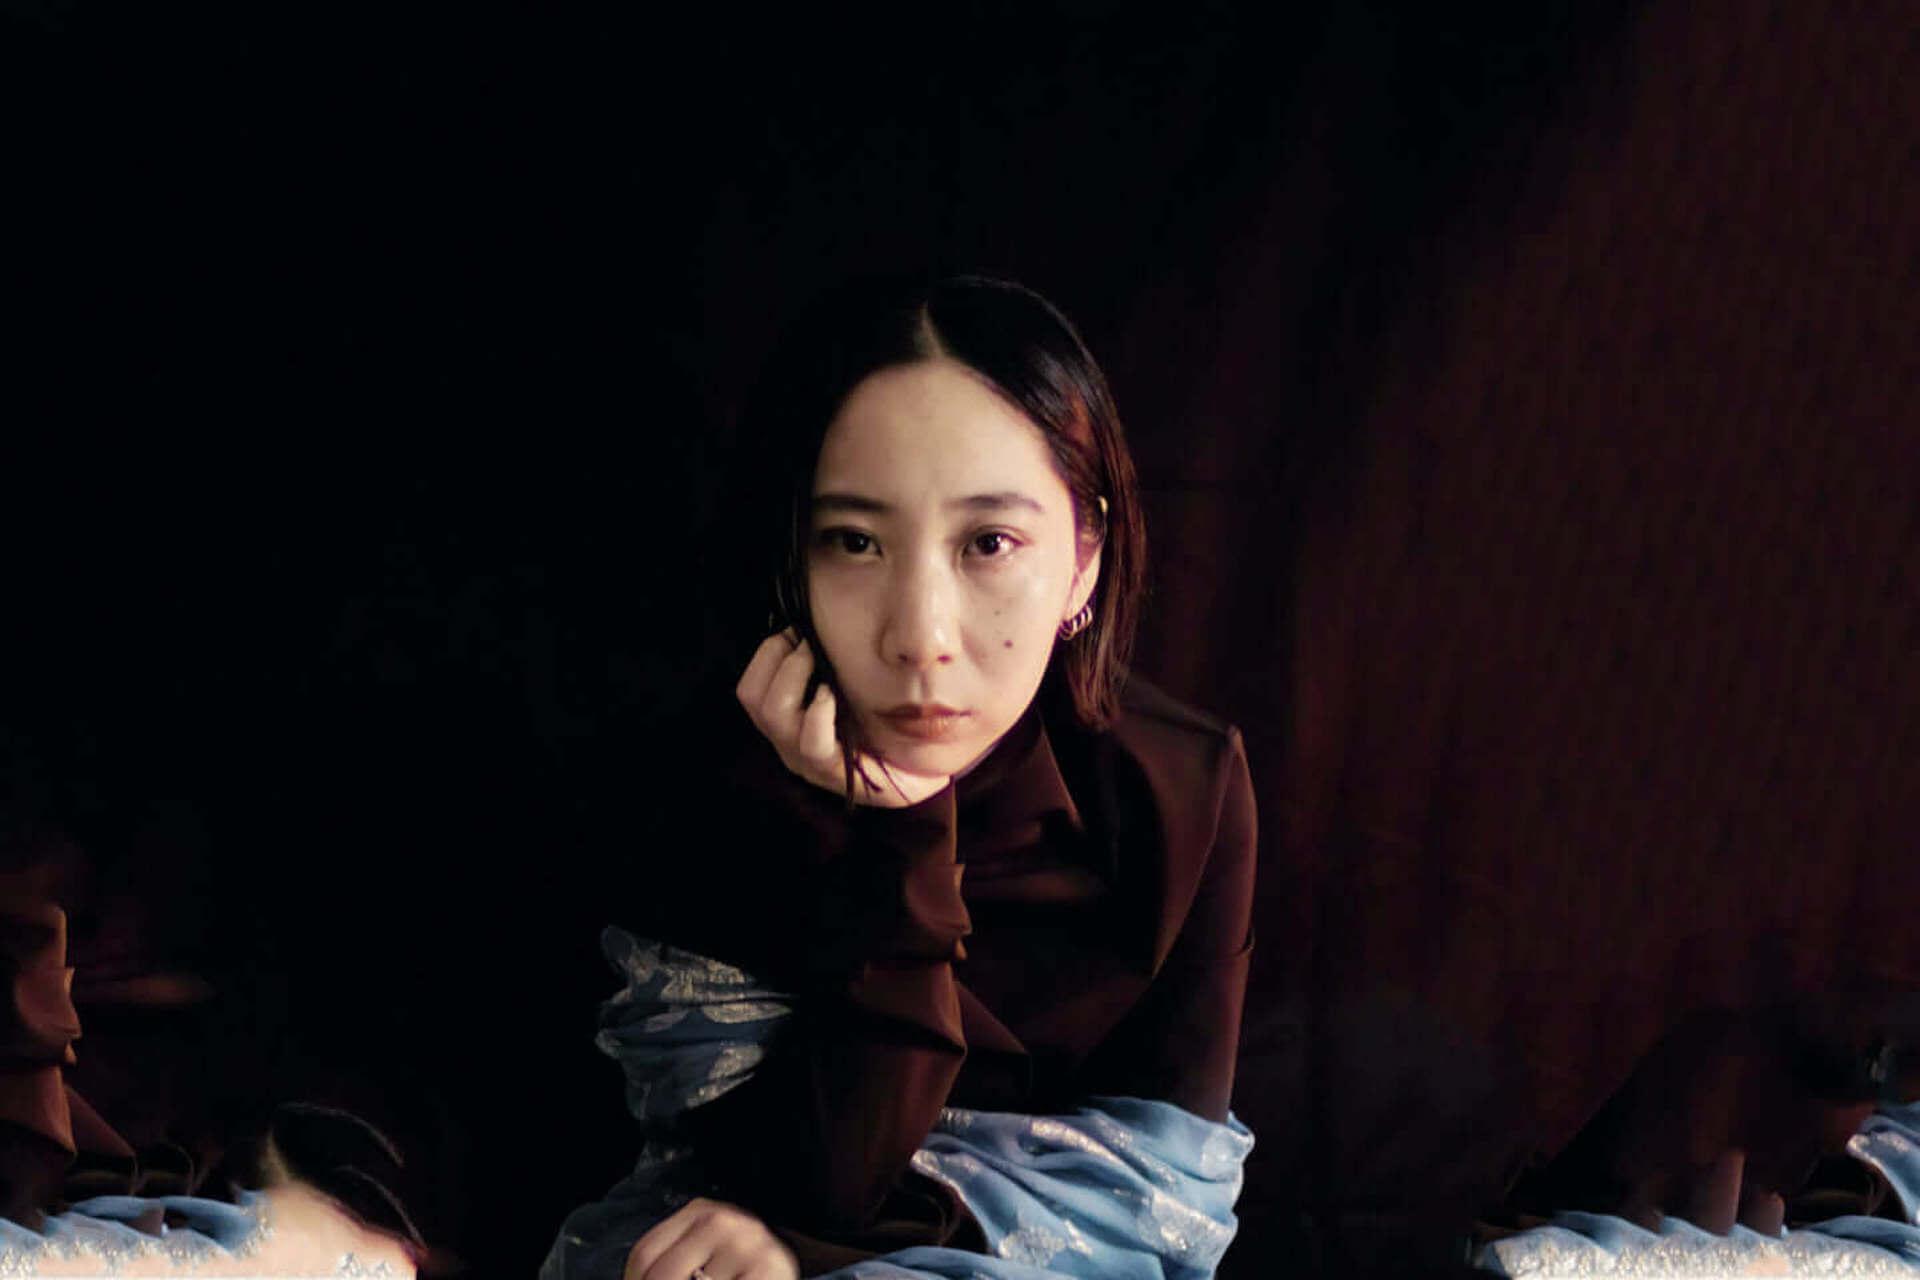 Utena Kobayashi最新アルバム『6 roads』のジャケットが公開!下北沢SPREADの配信ライブ<未知との遭遇>には今夜出演 music210303_utena-kobayashi_5-1920x1280